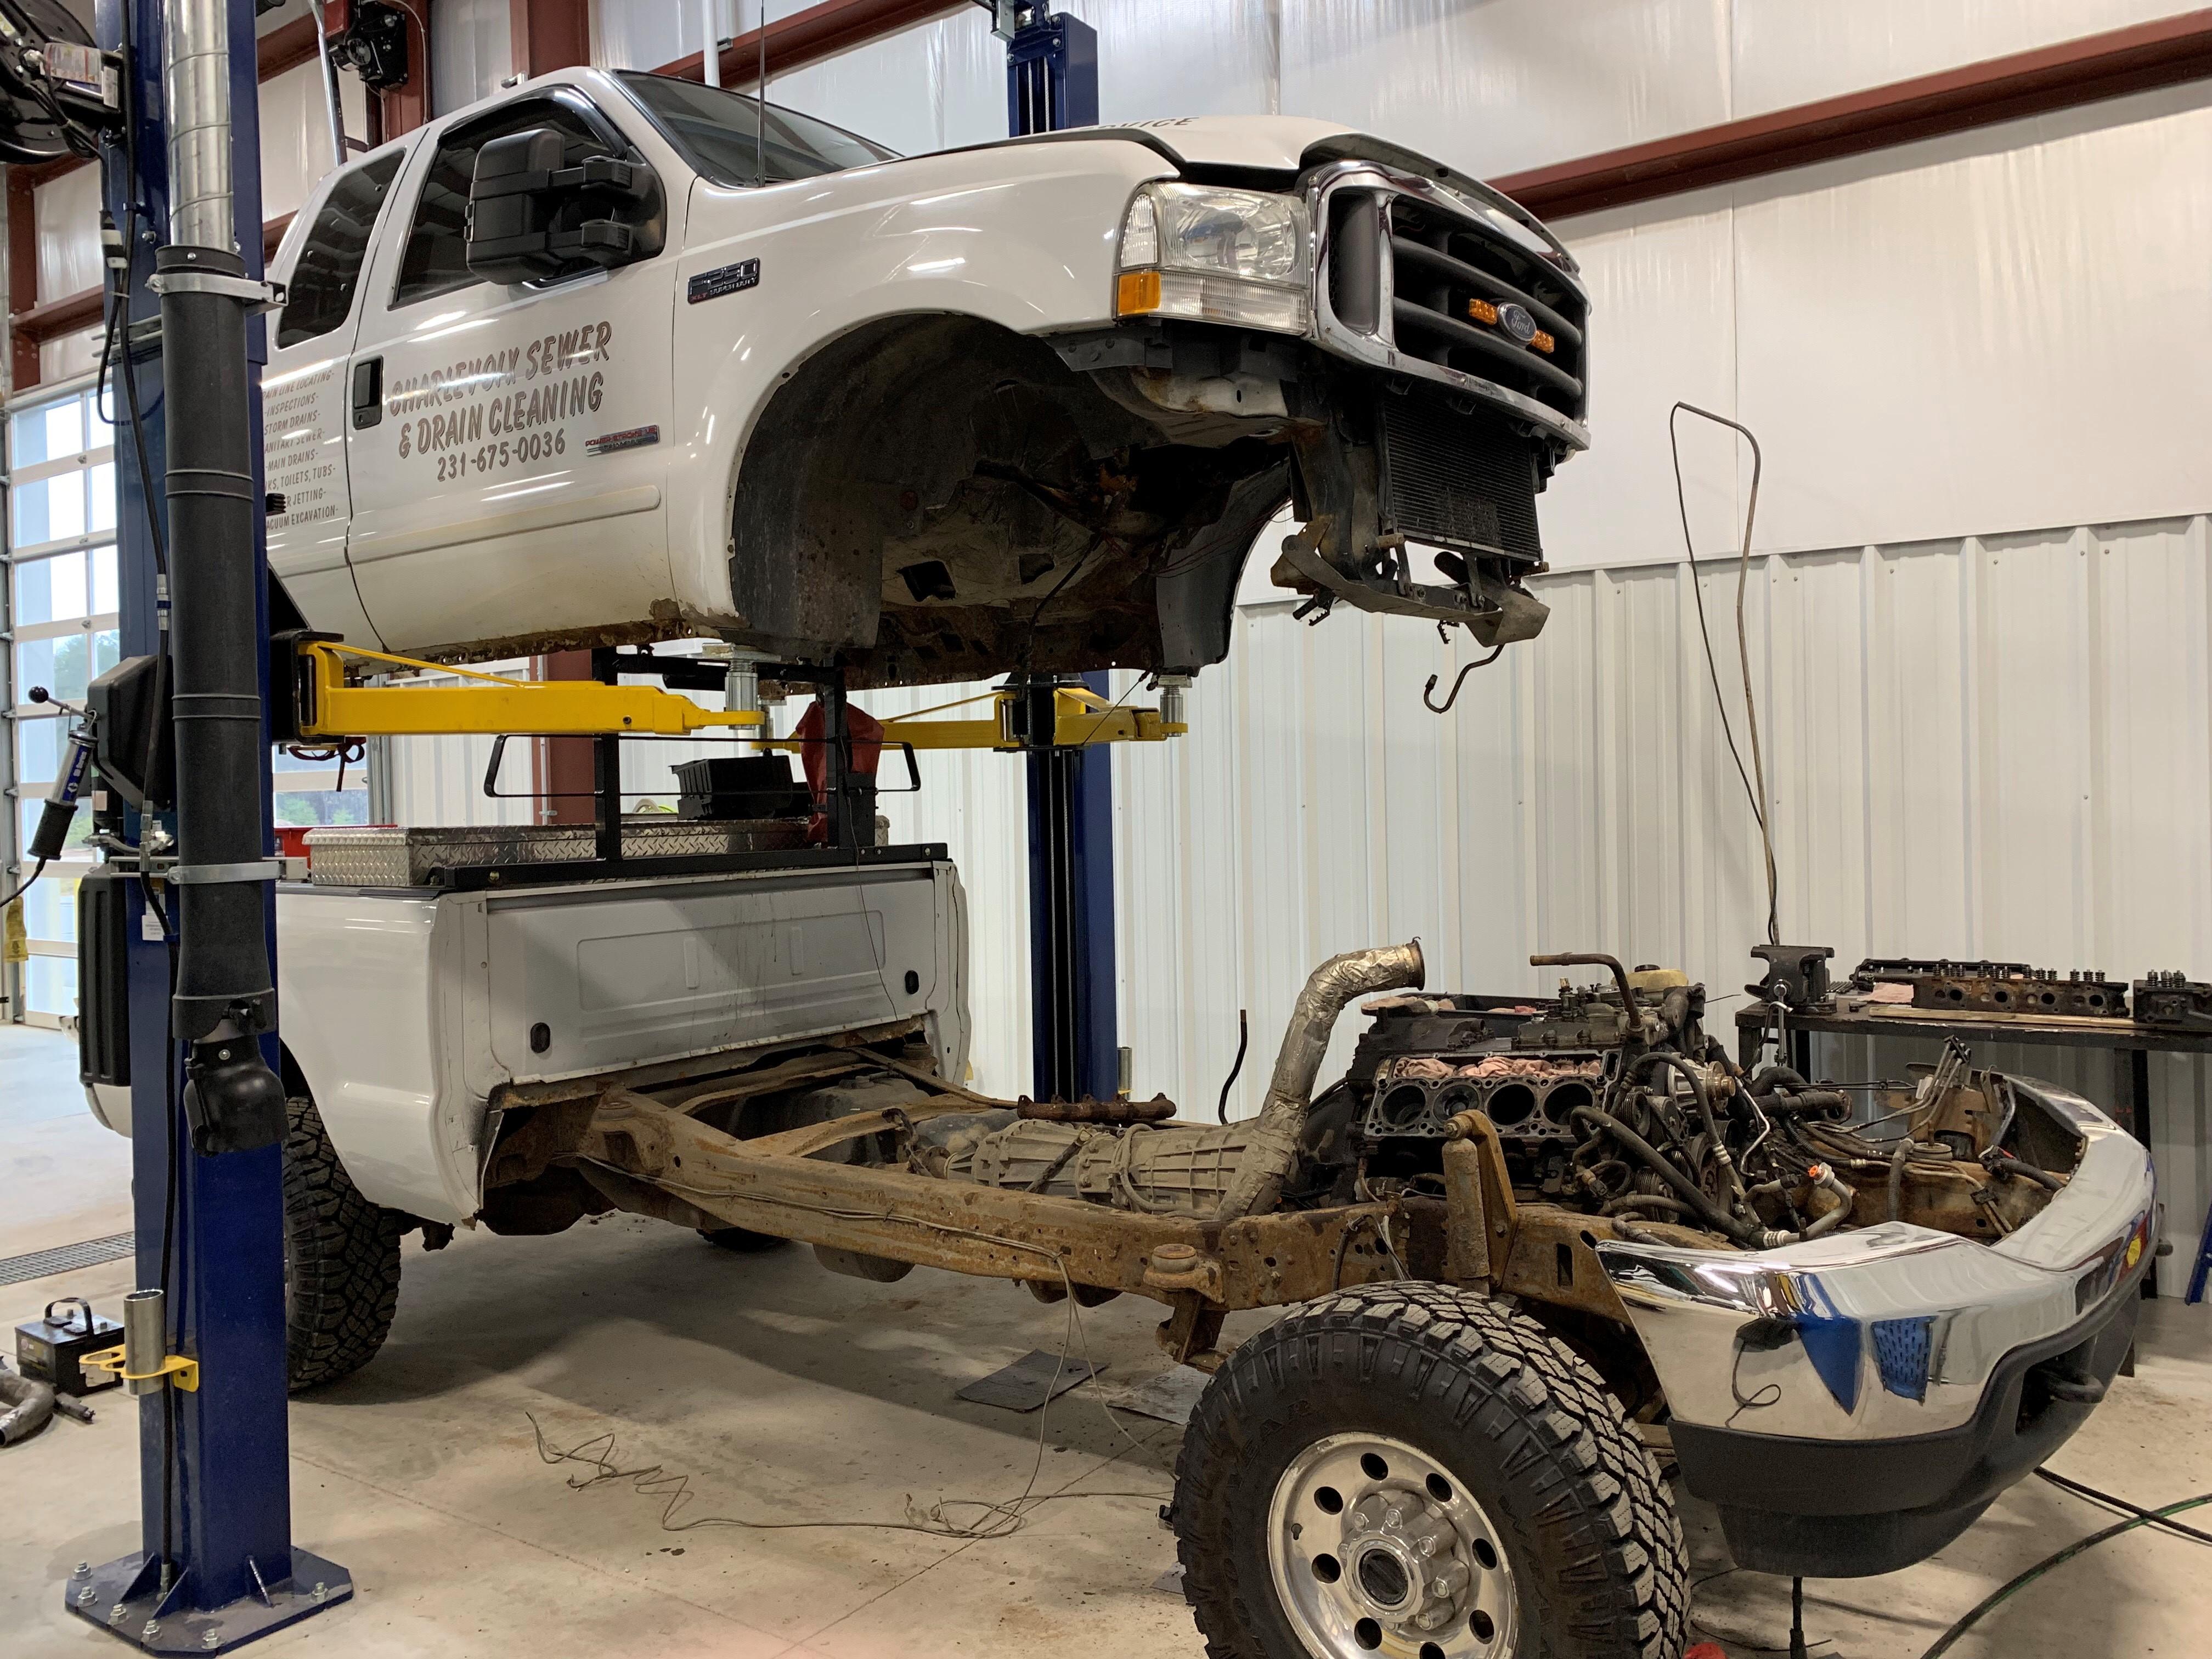 Fick & Sons Diesel Garage - 24Hr Roadside Service, Diesel Repair